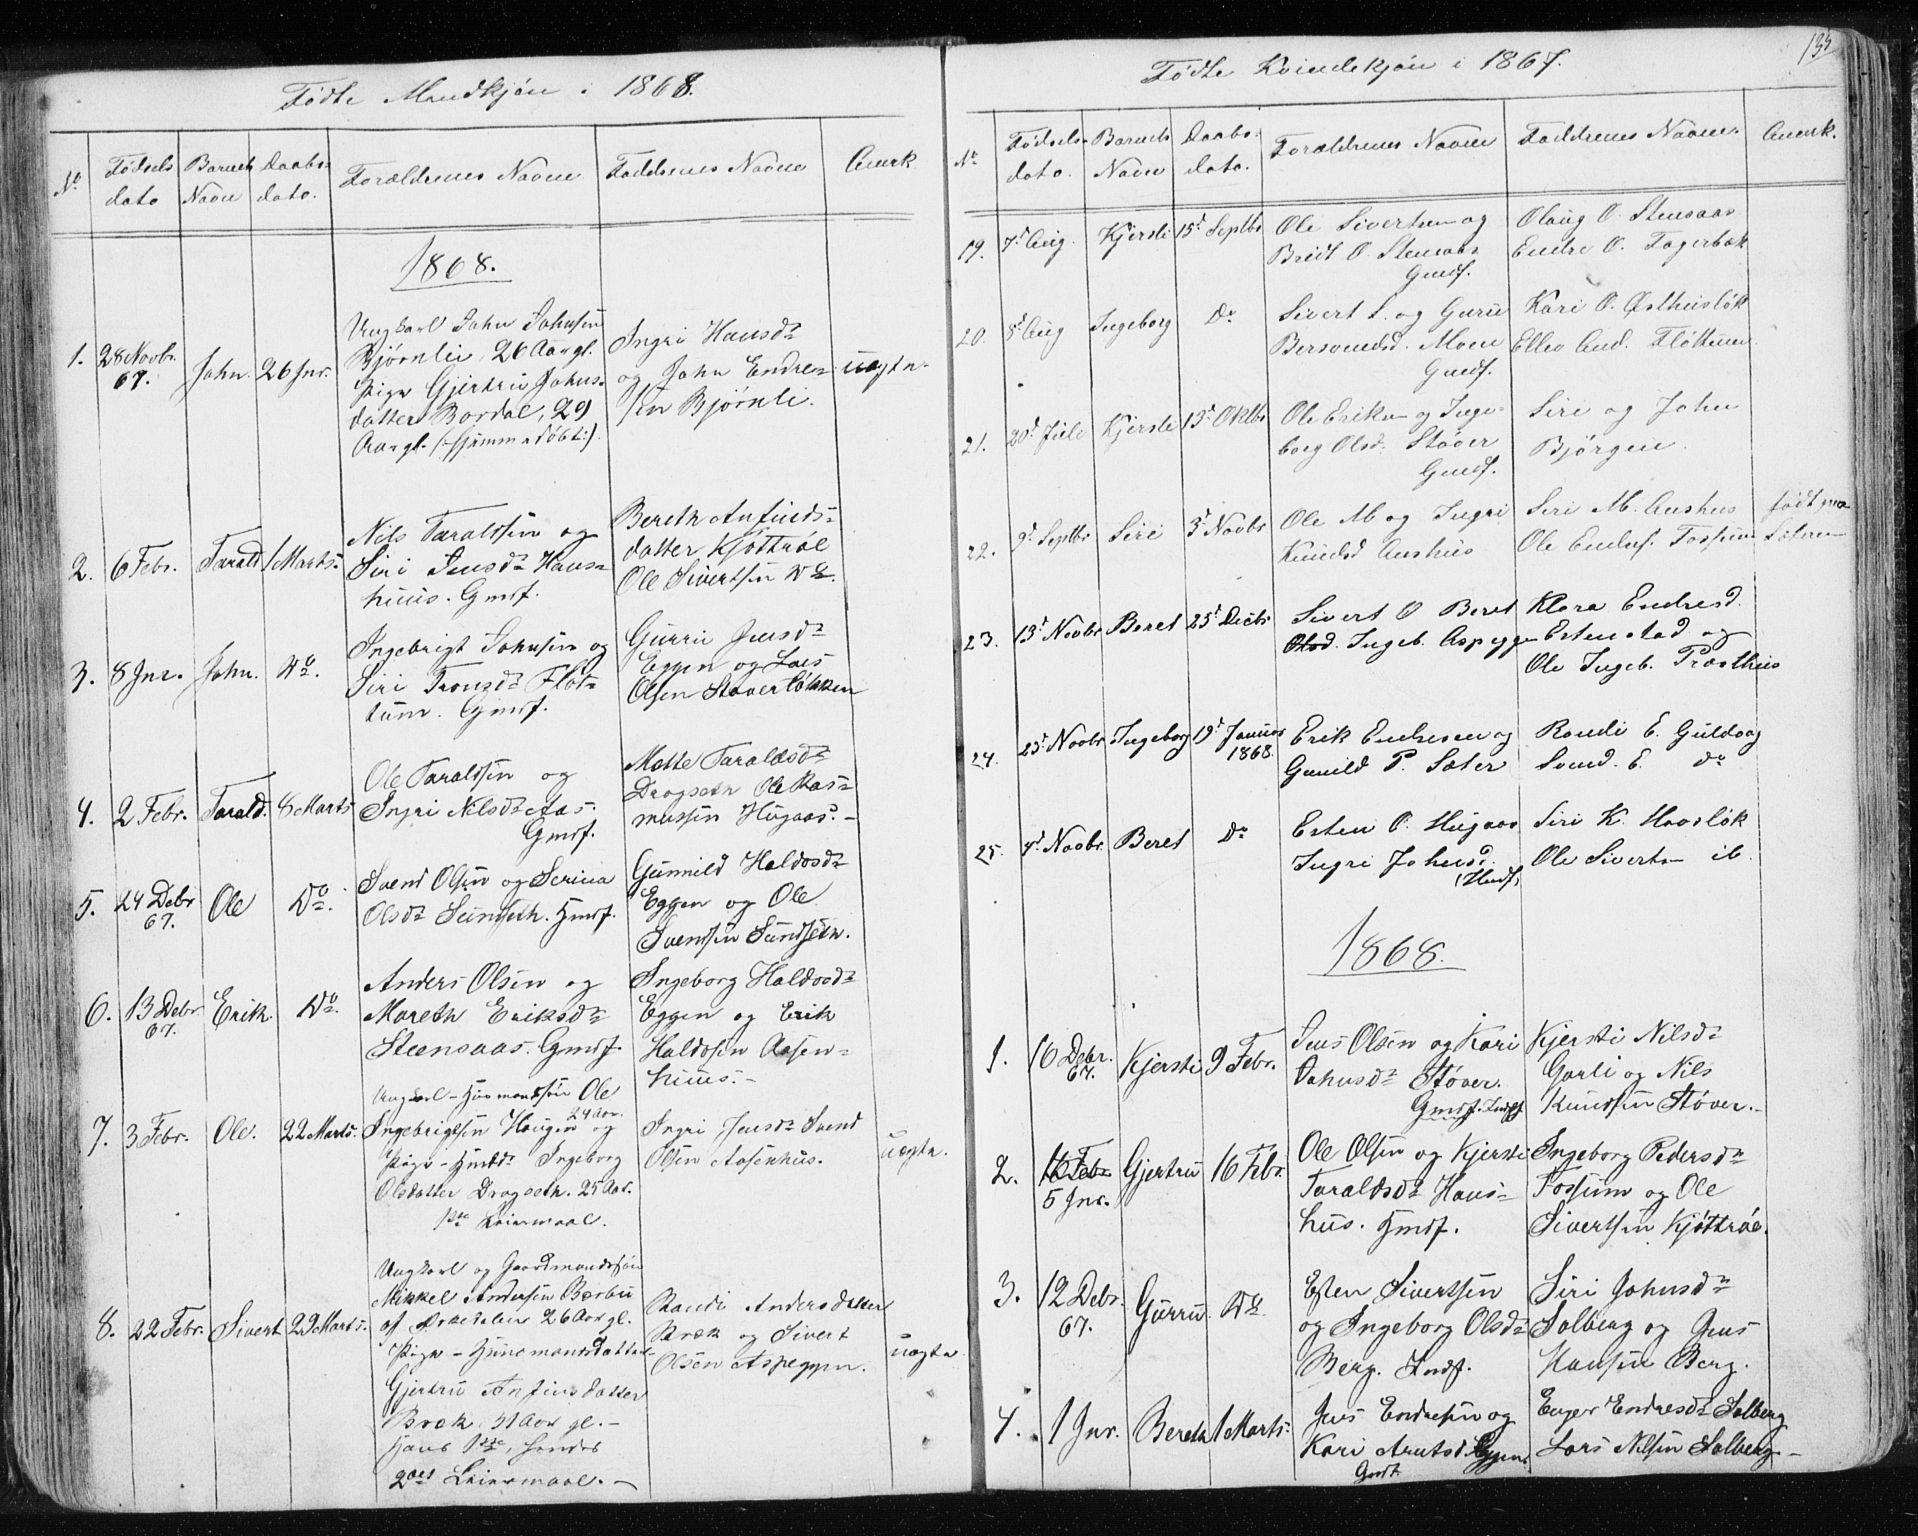 SAT, Ministerialprotokoller, klokkerbøker og fødselsregistre - Sør-Trøndelag, 689/L1043: Klokkerbok nr. 689C02, 1816-1892, s. 135